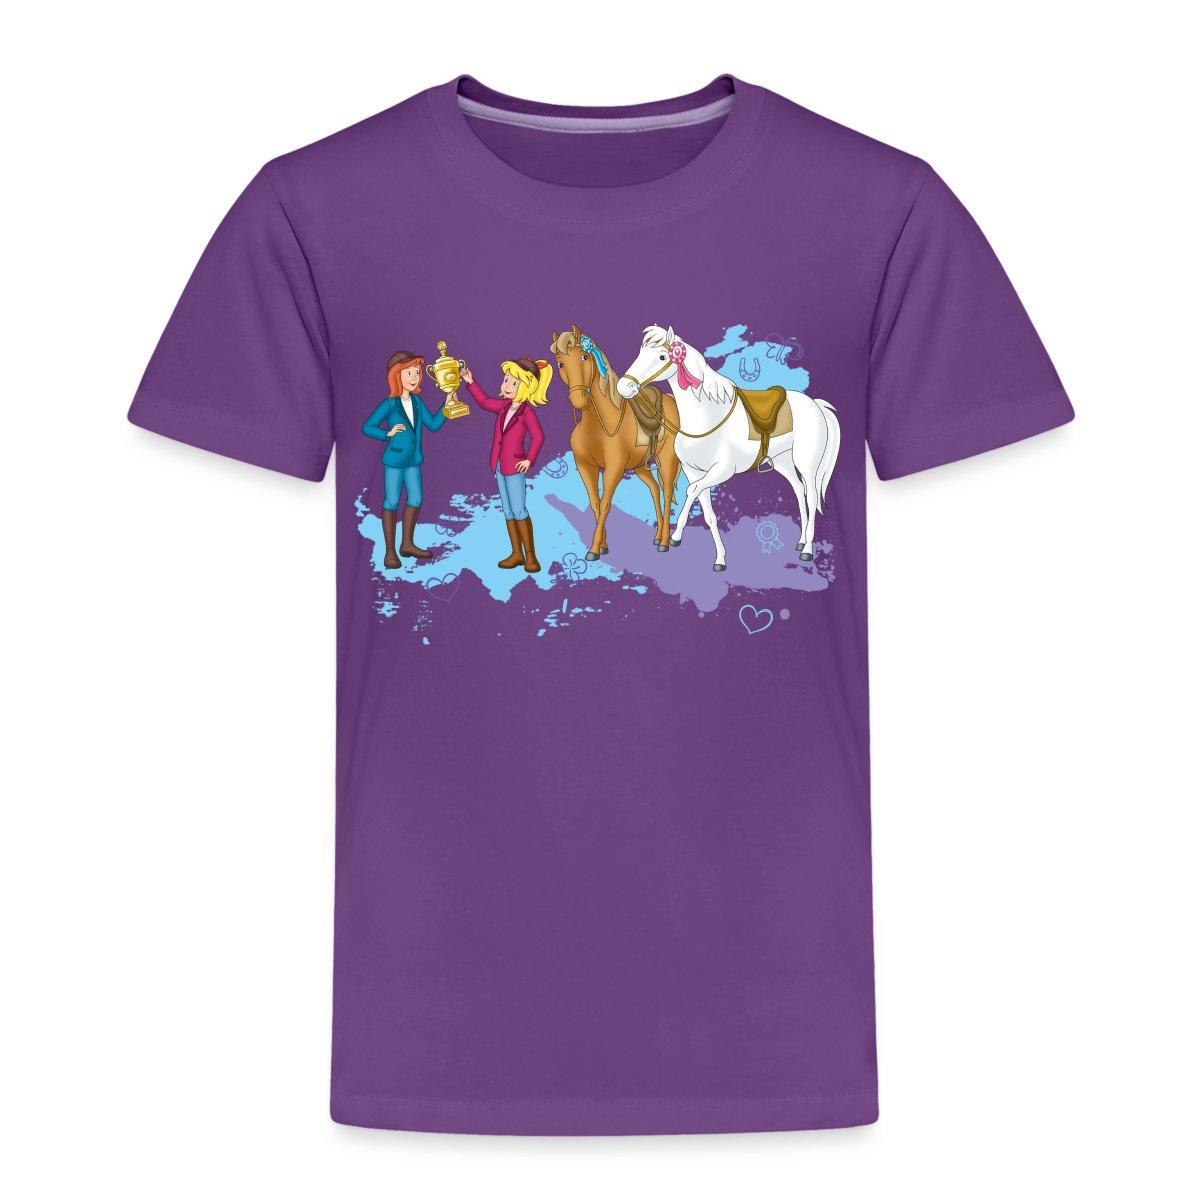 Bibi-Und-Tina-Pokal-Siegerschleifen-Kinder-Premium-T-Shirt-von-Spreadshirt